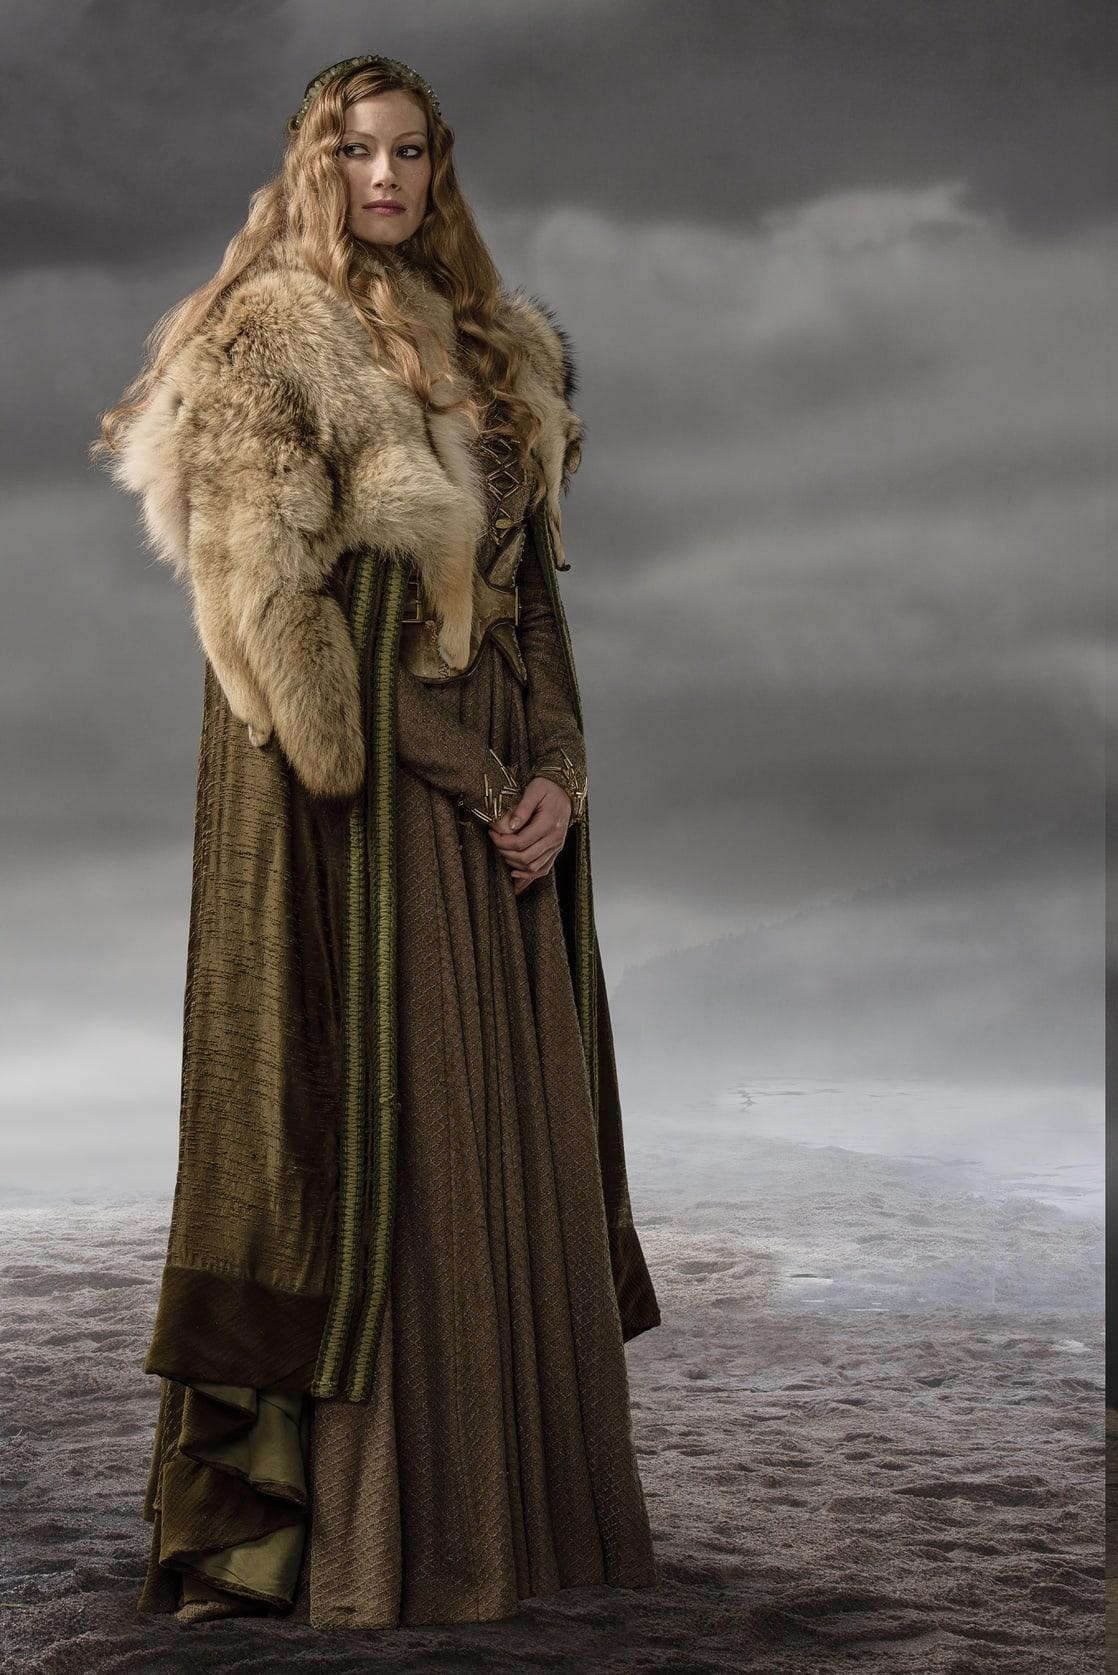 сазерленд алисса фото викингов